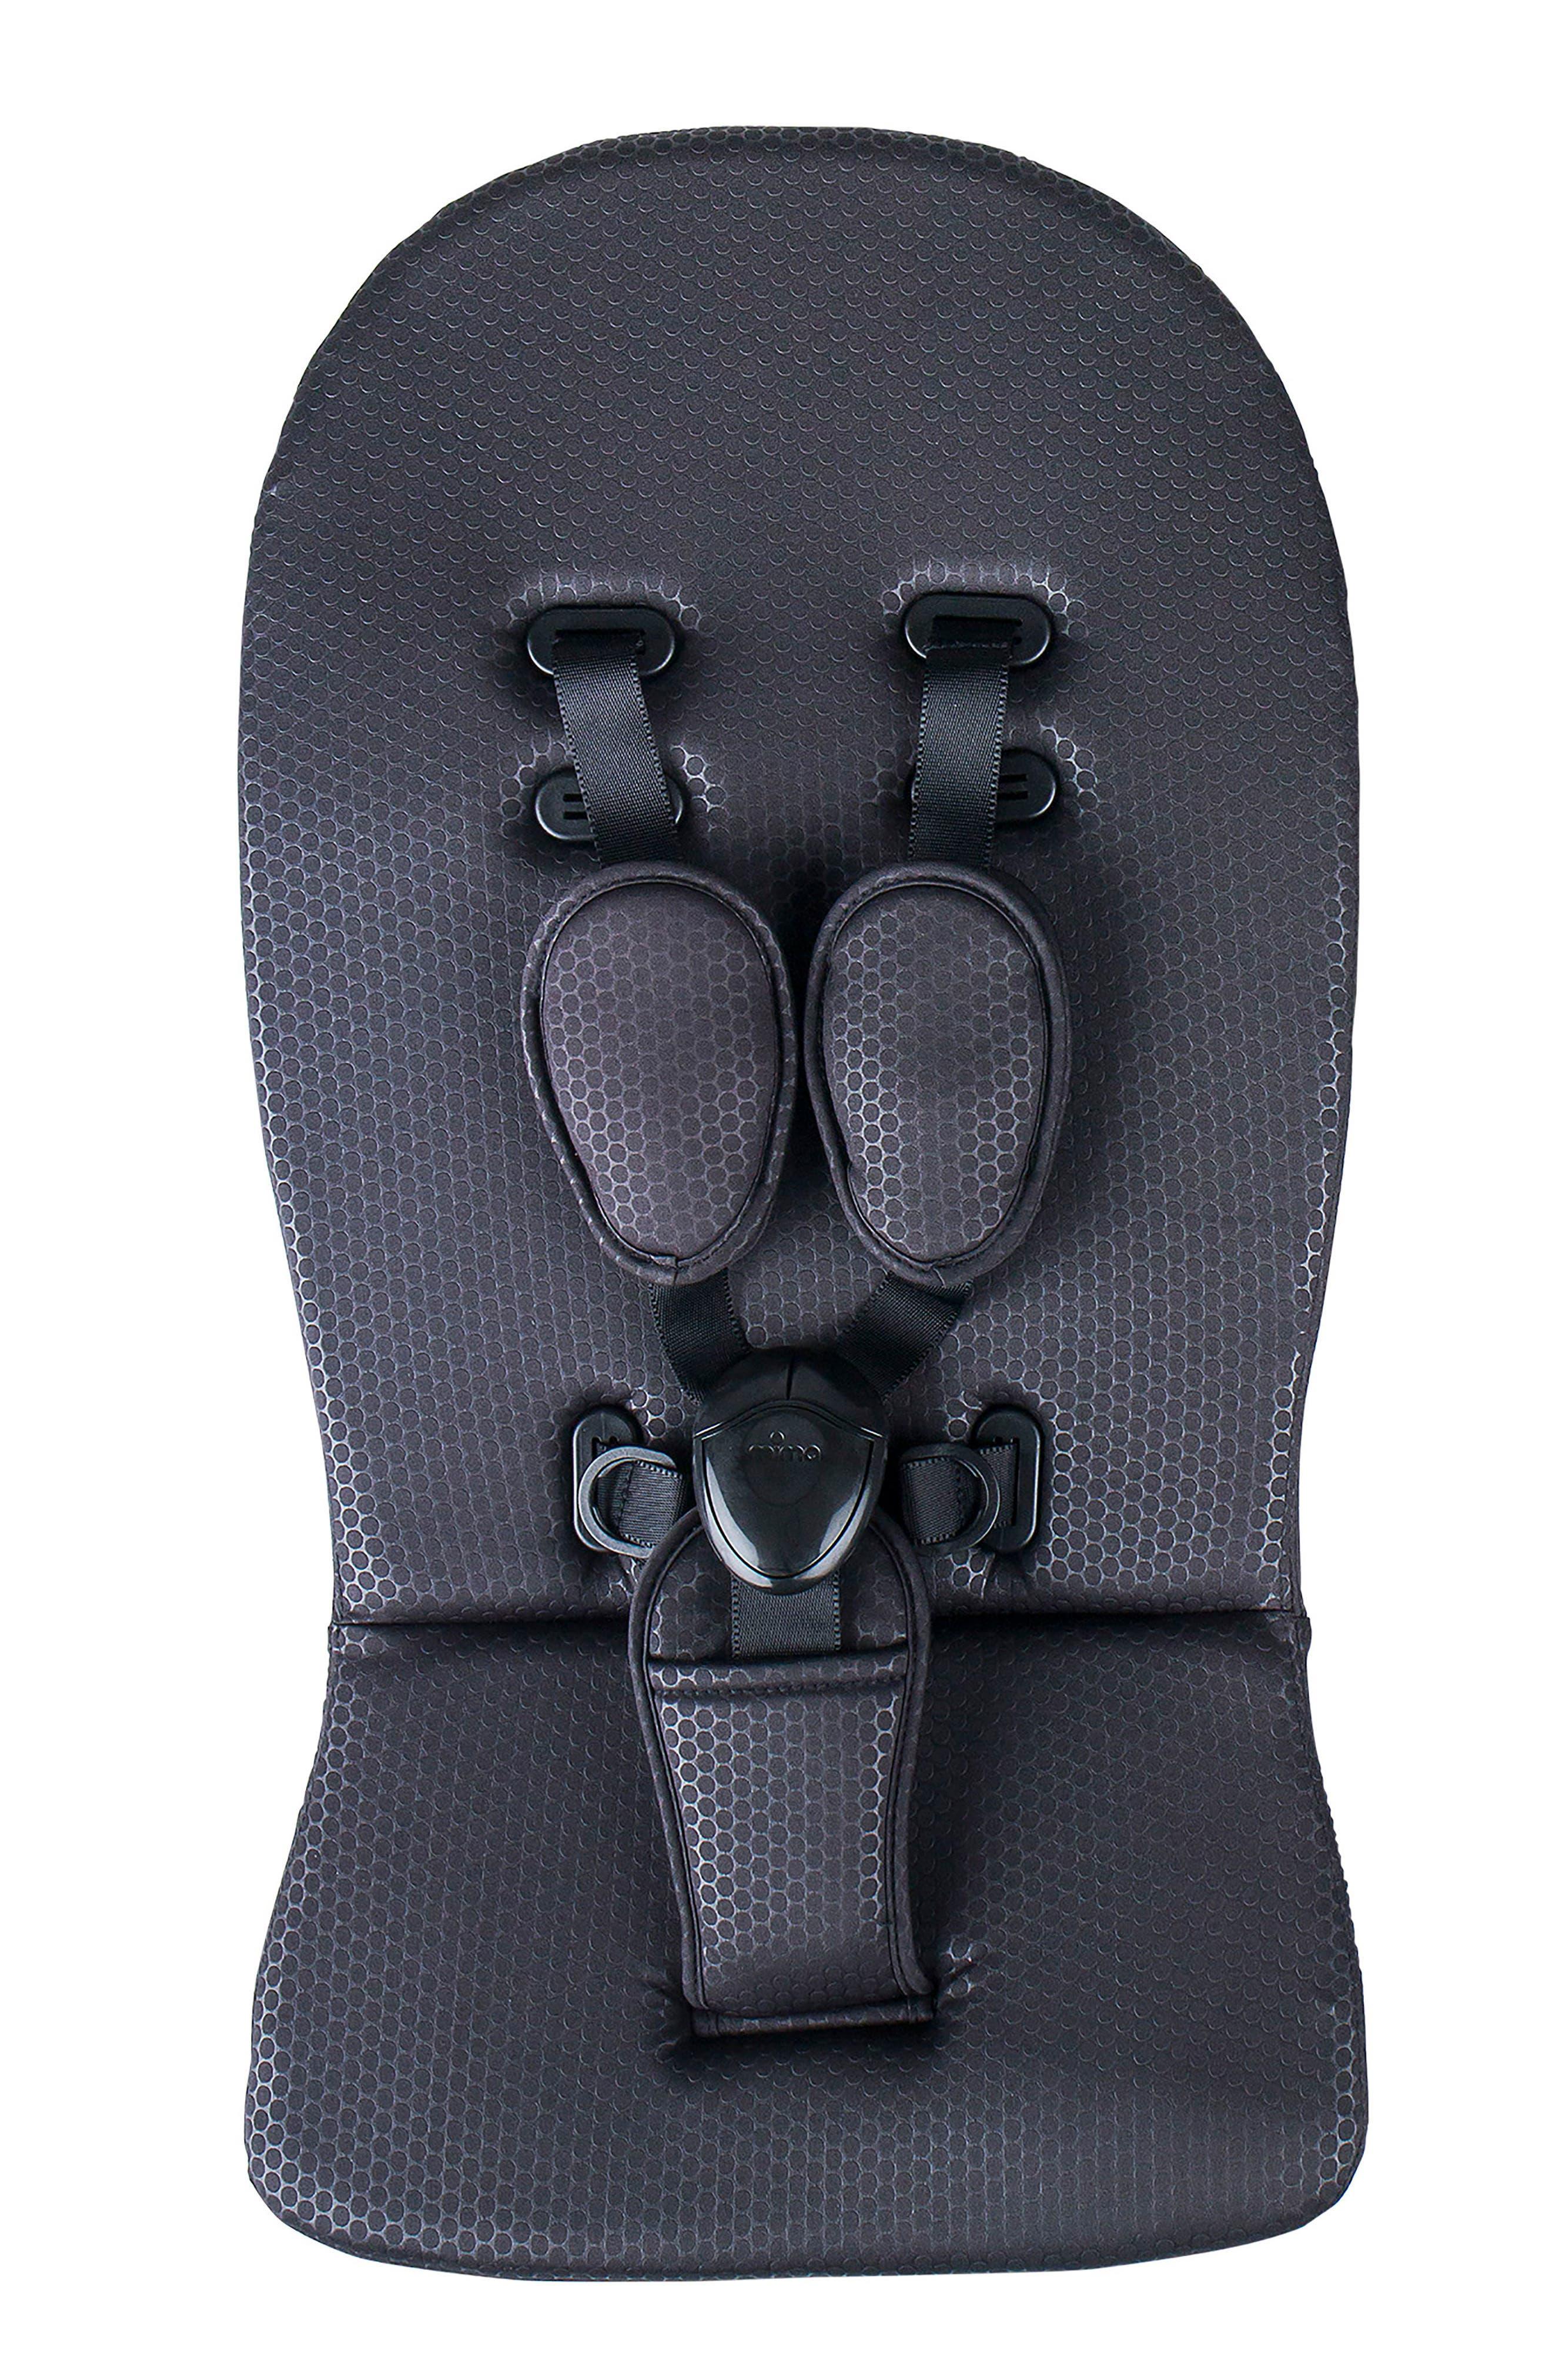 Comfort Padding Kit for Mima Xari or Kobi Strollers,                         Main,                         color, 001